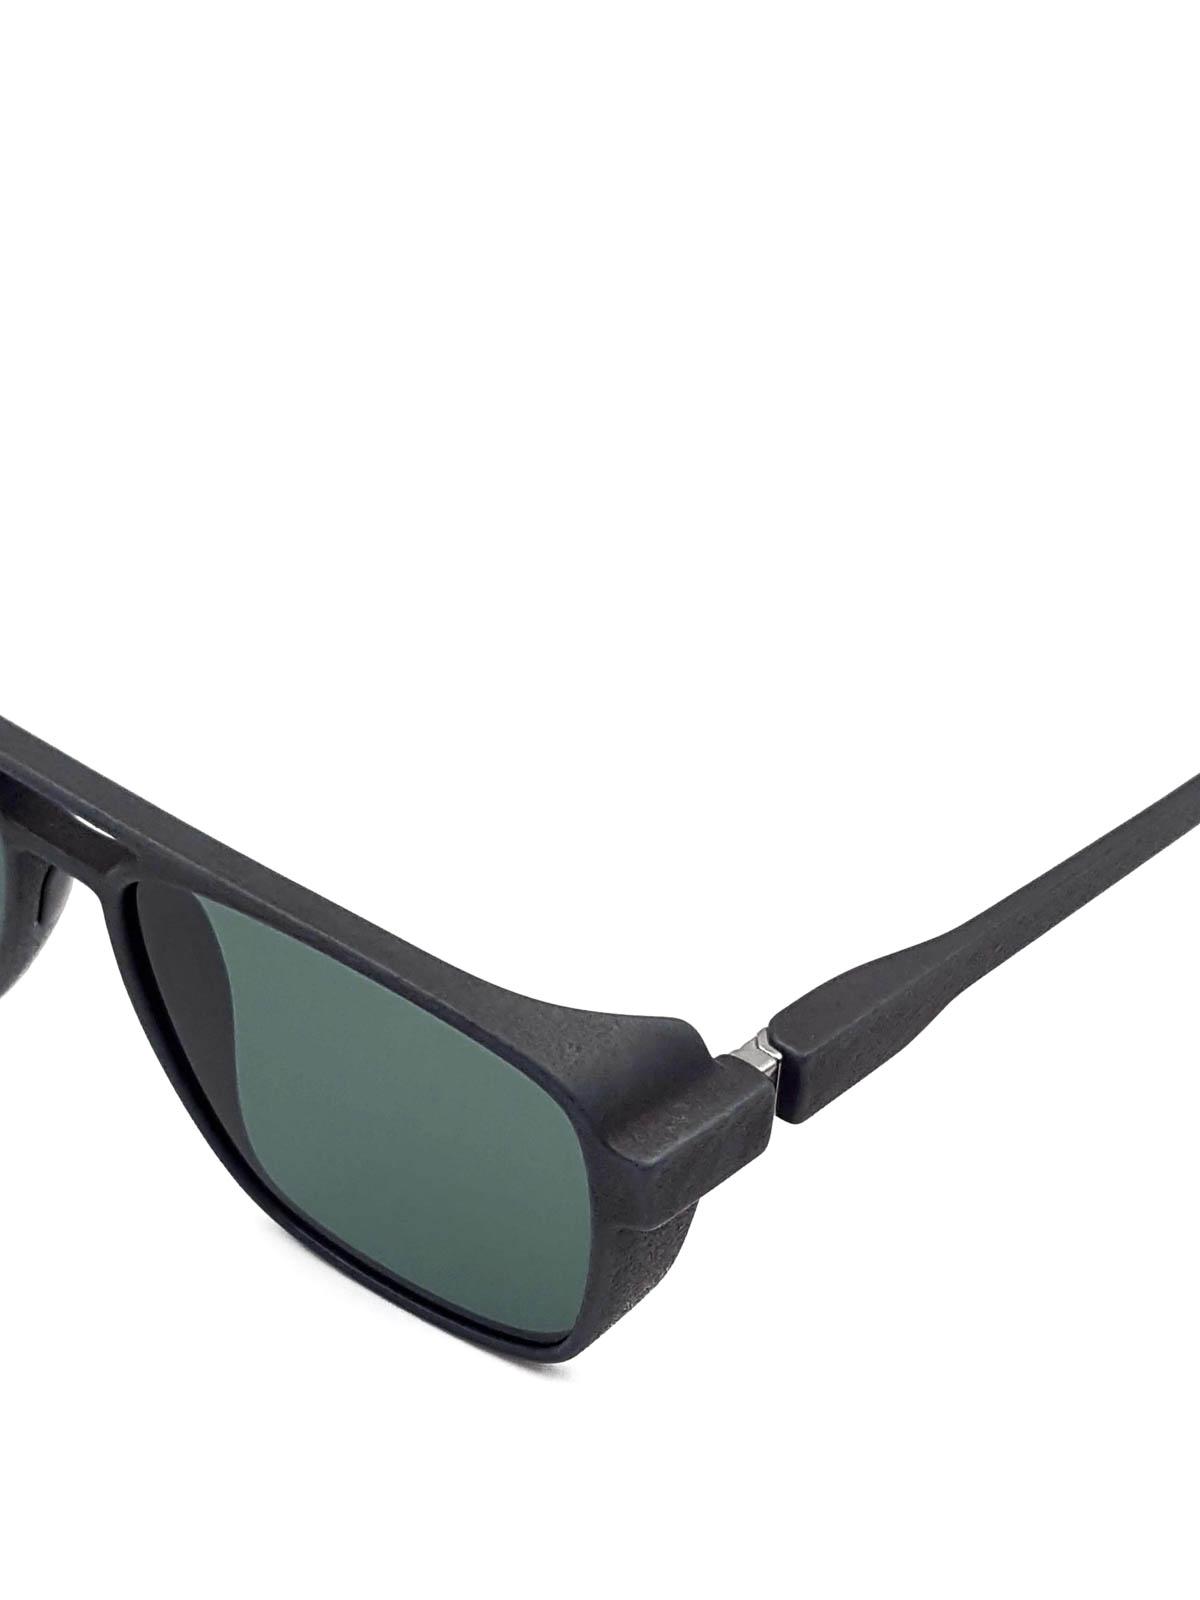 f2f6184c21cc10 Mykita - Sonnenbrille - Schwarz - Sonnenbrillen - KAPPAMD8